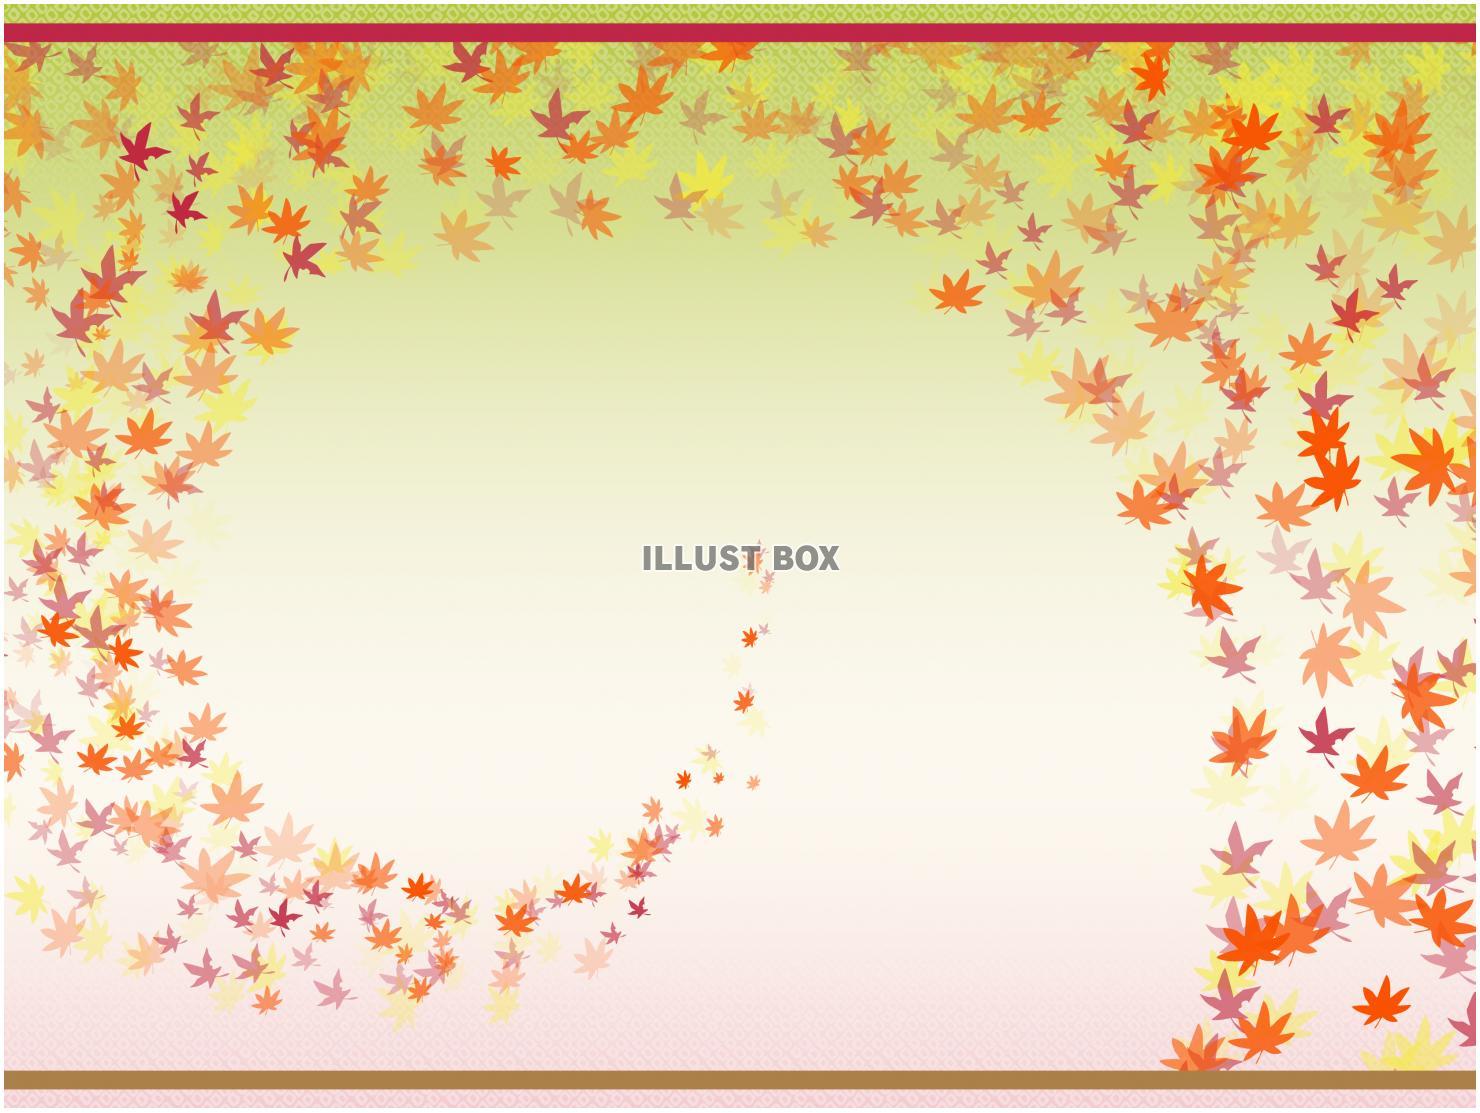 秋の紅葉とつむじ風フレーム・和柄